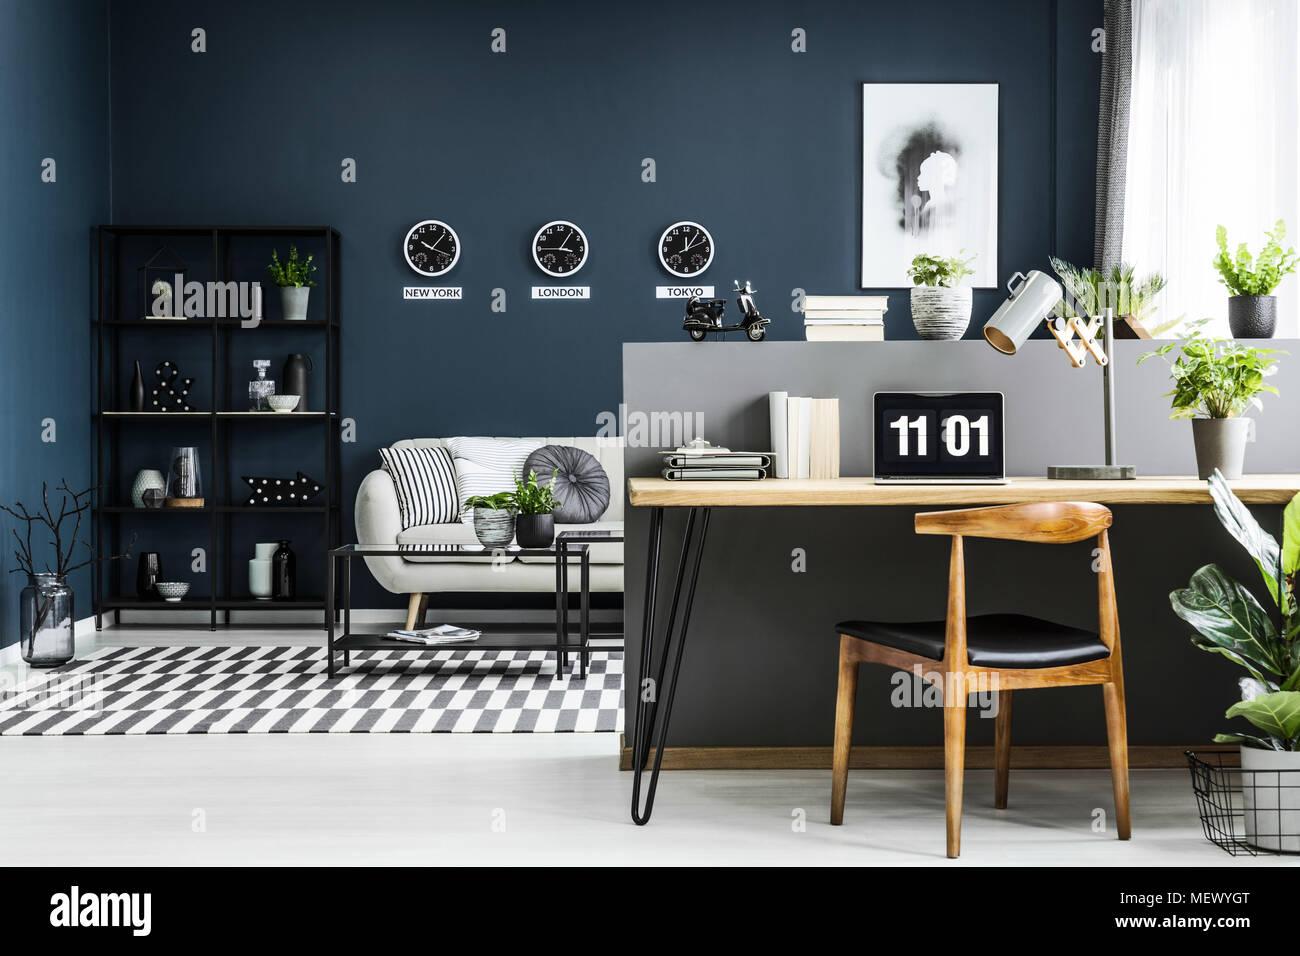 Spazio aperto home office interno con scrivania, sedia, piante e moderna area salotto in background Immagini Stock